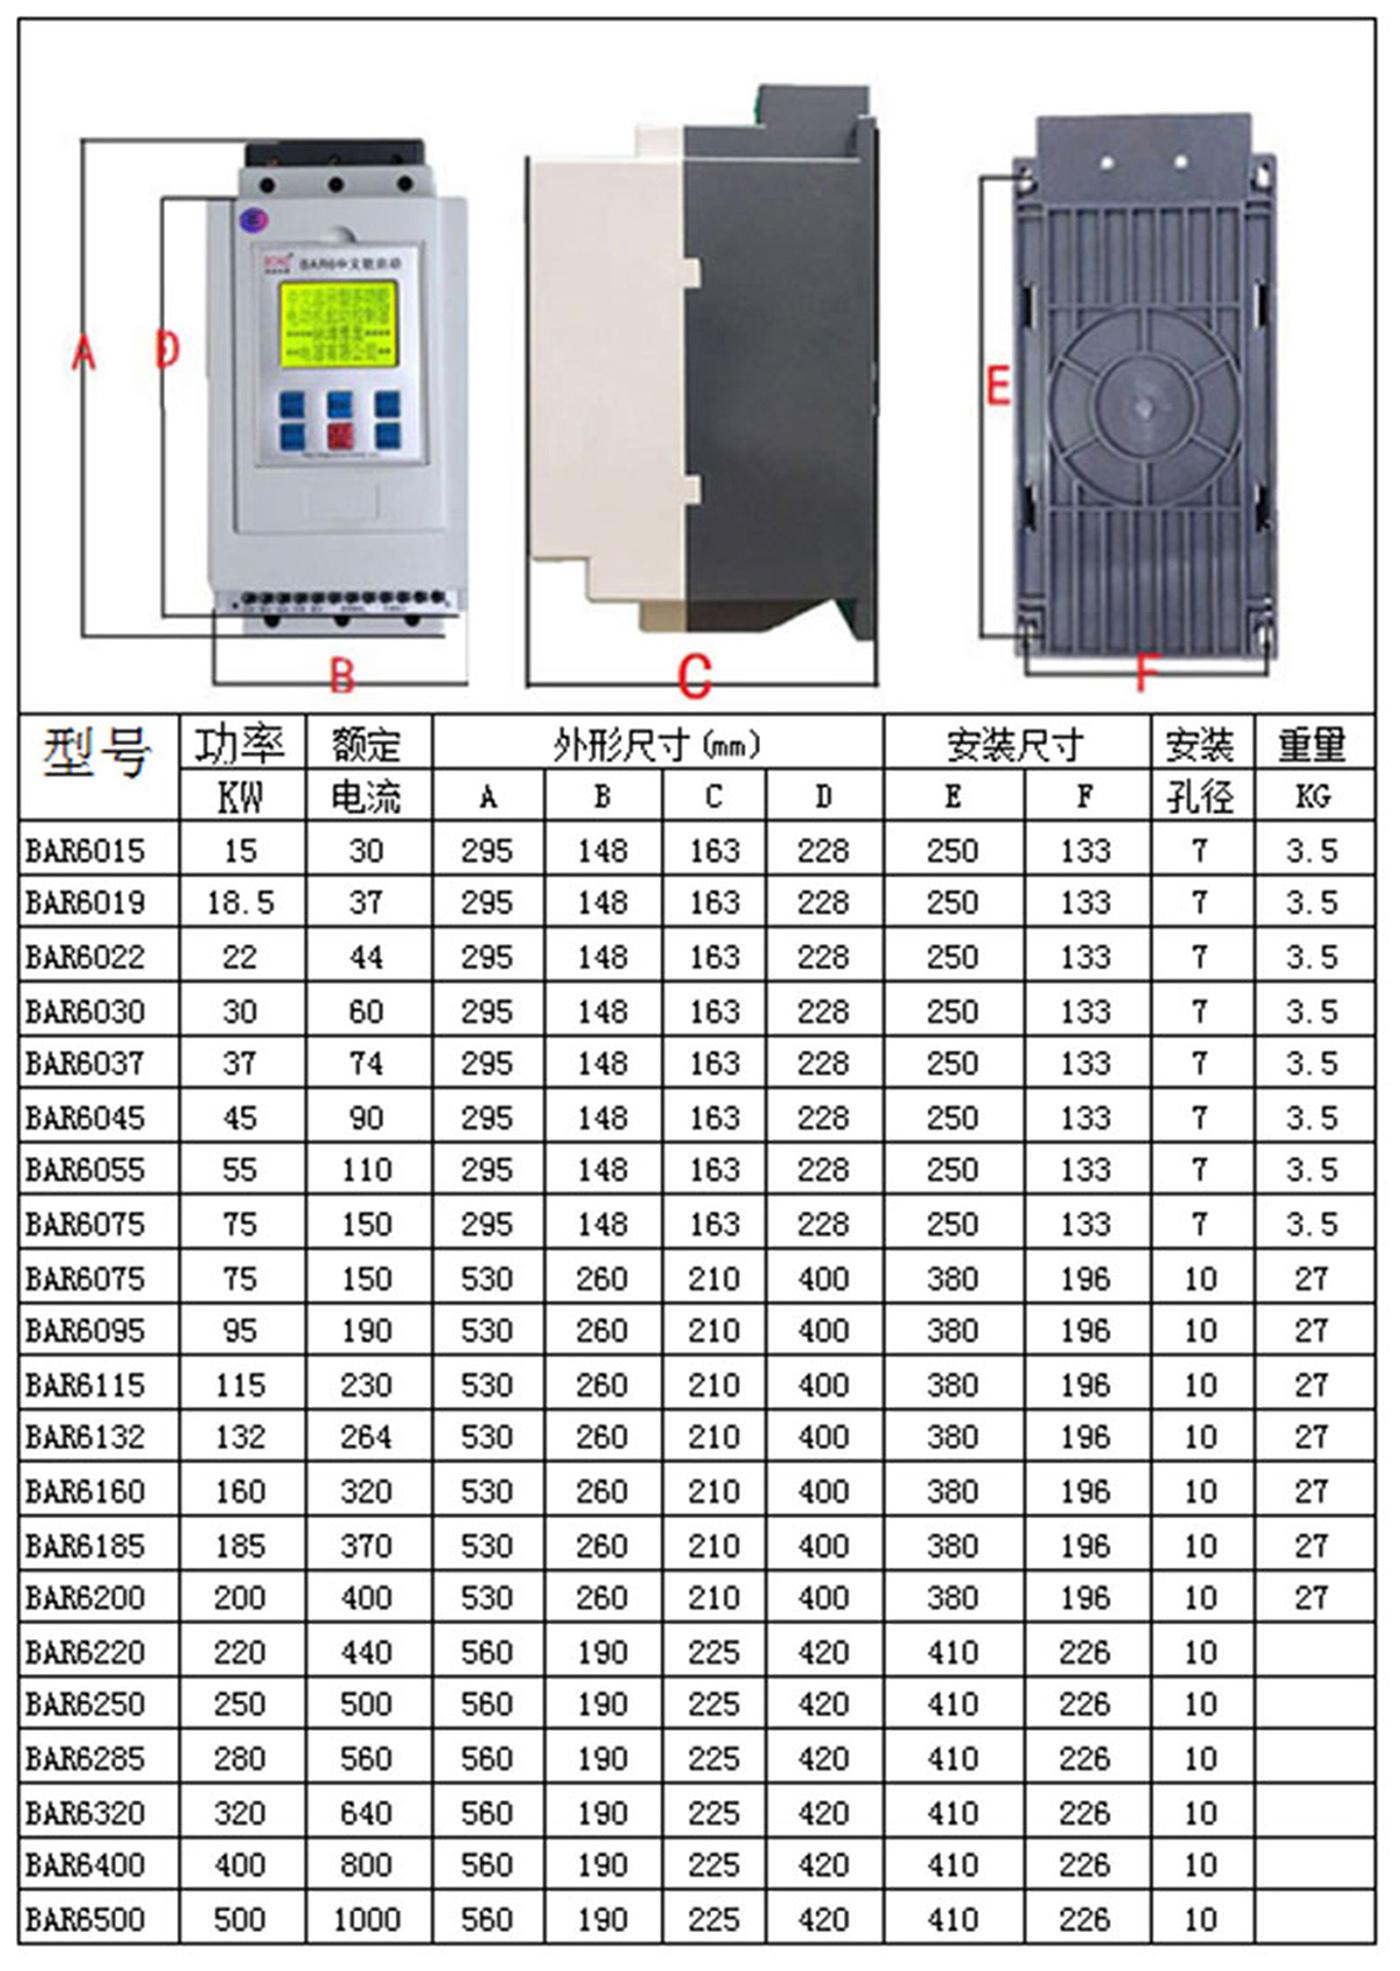 新疆乌鲁木齐市 BAR6000软起动厂家电话-新疆乌鲁木齐市 BAR6000软起动新价格